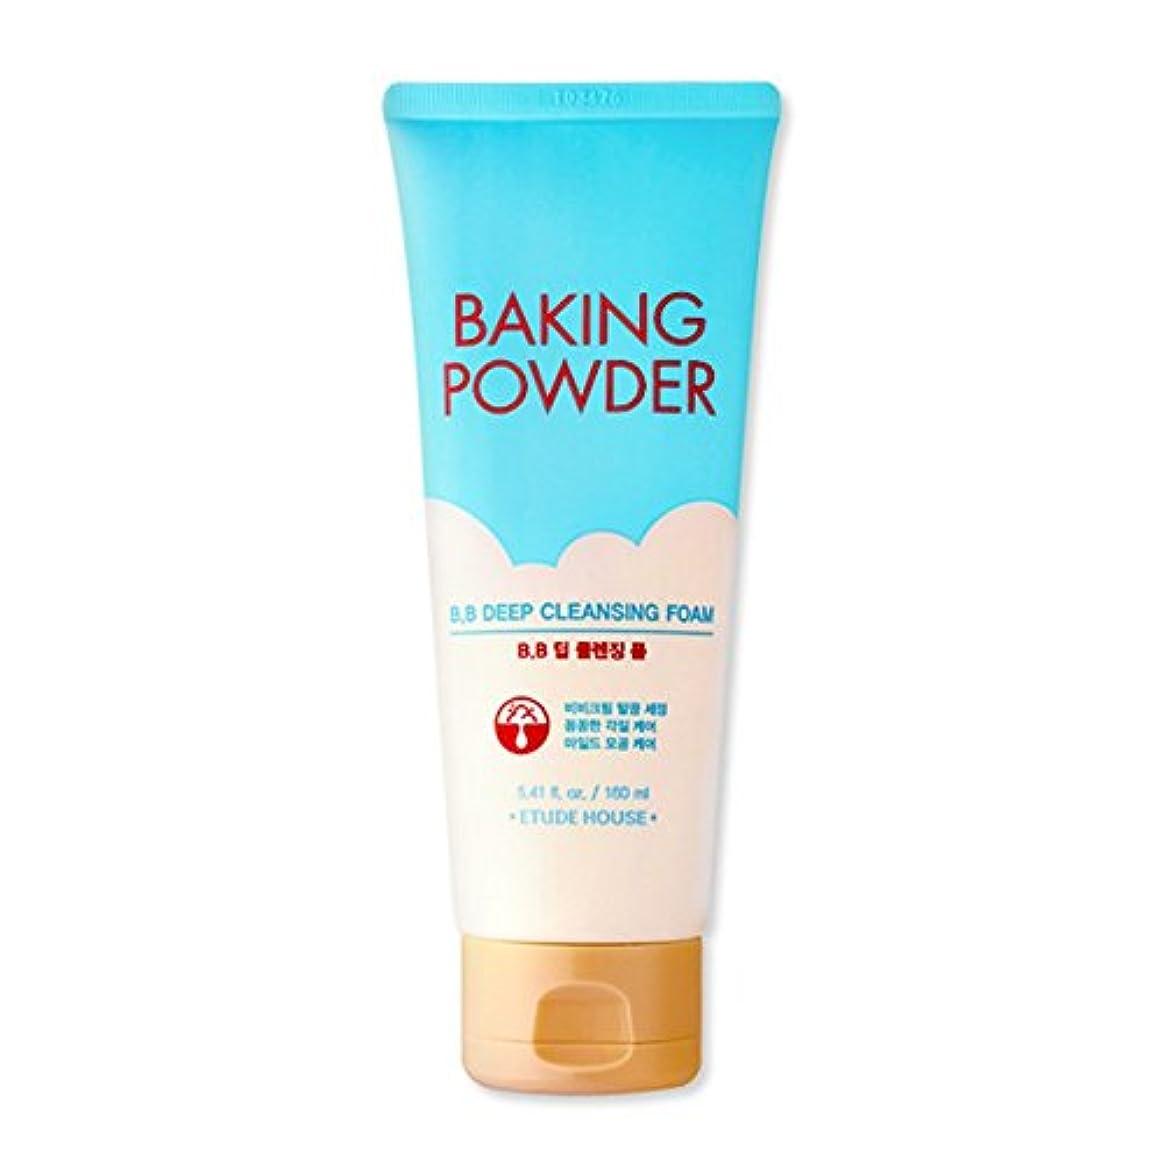 明日不十分な舌な[2016 Upgrade!] ETUDE HOUSE Baking Powder B.B Deep Cleansing Foam 160ml/エチュードハウス ベーキング パウダー B.B ディープ クレンジング フォーム...